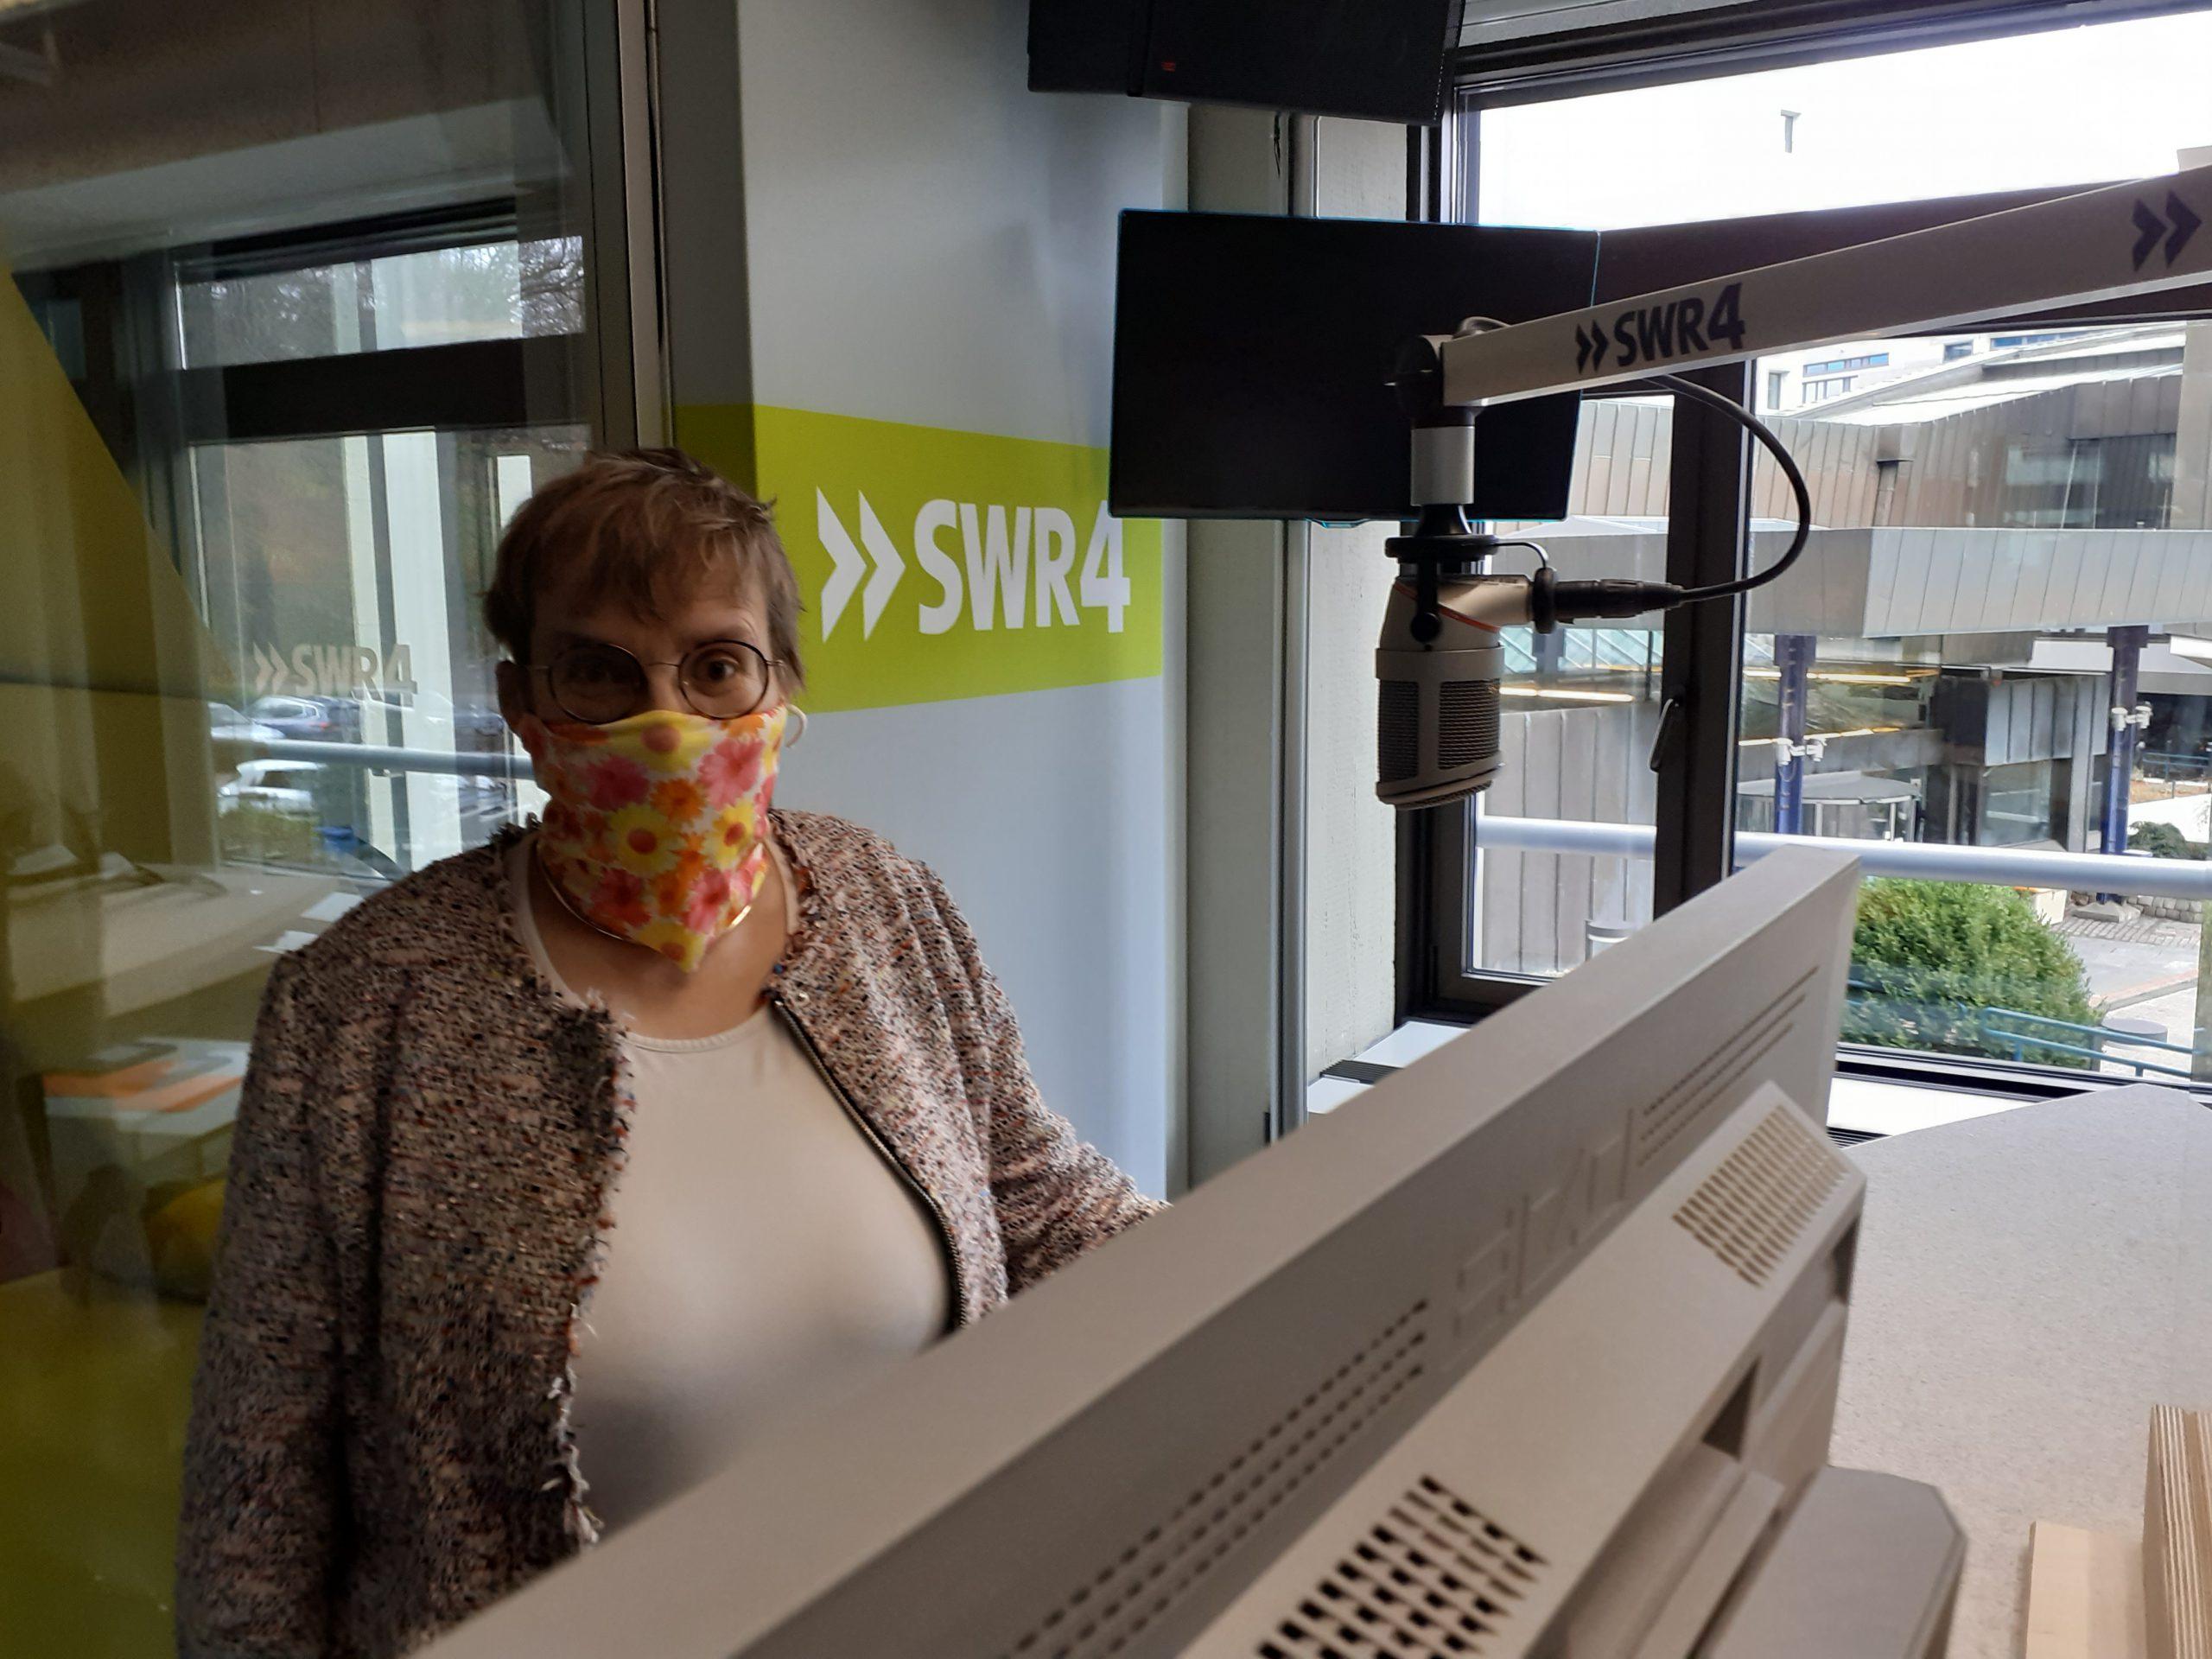 LVKM-Geschäftsführerin Jutta Pagel-Steidl zu Gast im Hörfunkstudio von SWR4 Baden-Württemberg: mit Maske und Abstand wie es in Coronazeiten üblich ist